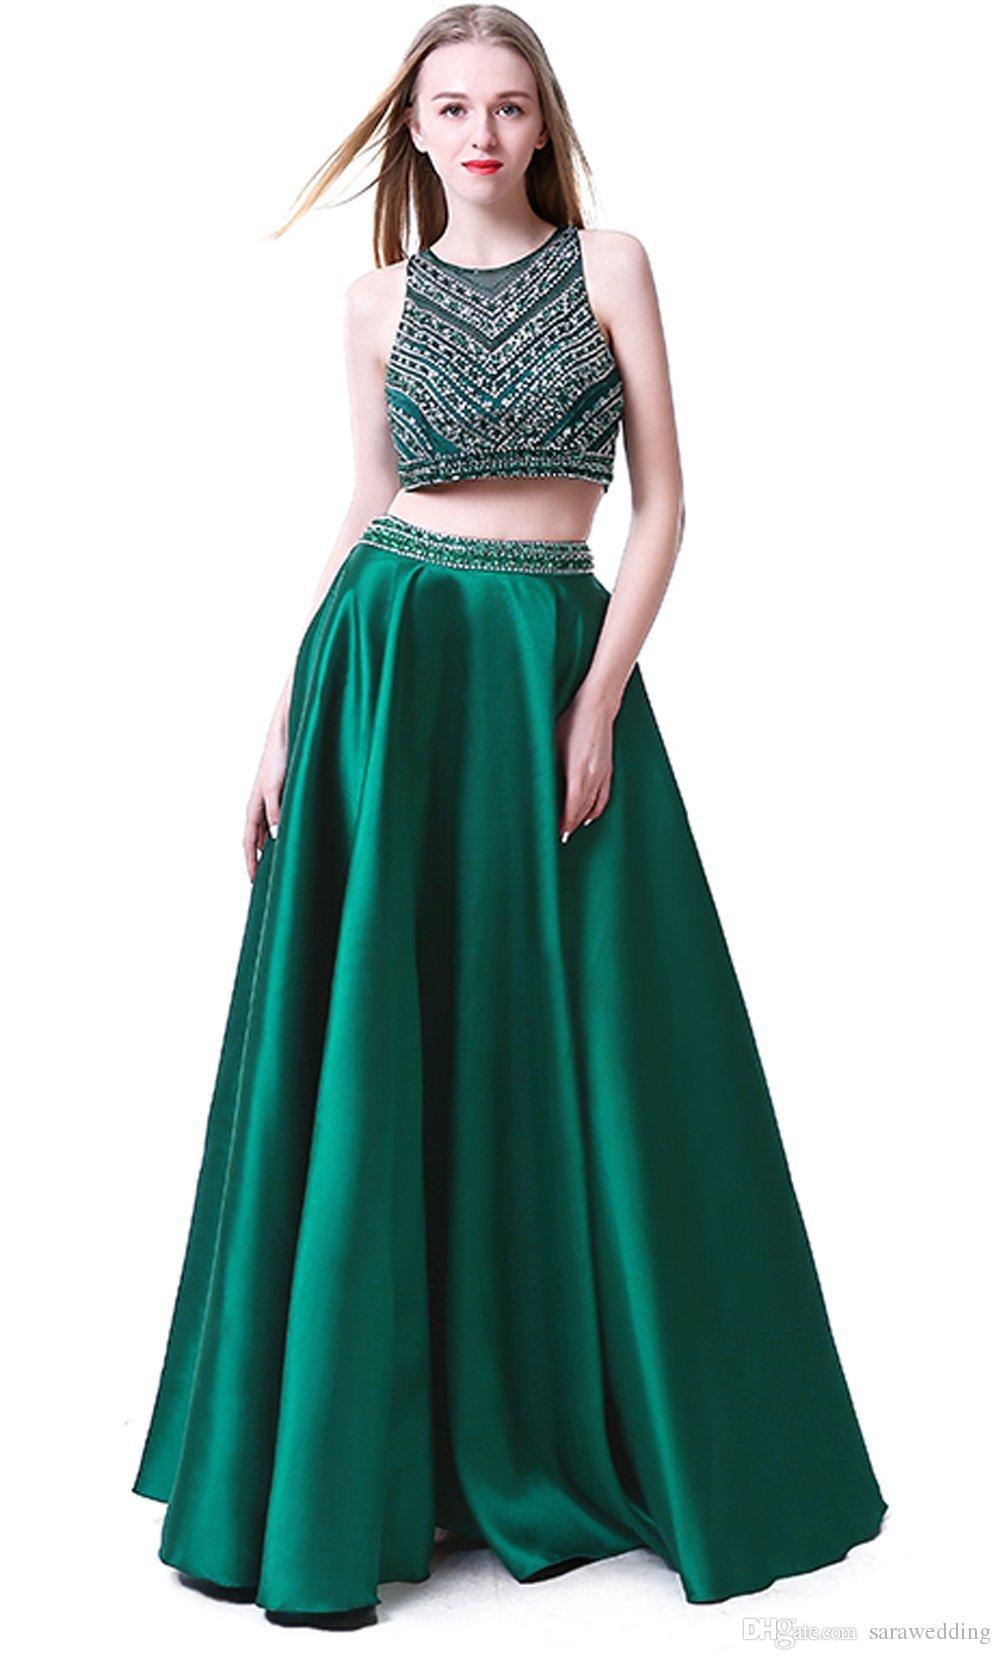 a7664b9a5c Compre Verde Oscuro Con Cuentas 2 Piezas Vestidos De Fiesta 2019 Palabra De  Longitud Vestidos De Fiesta Vestido De Fiesta De Moda Envío Rápido A   107.89 Del ...